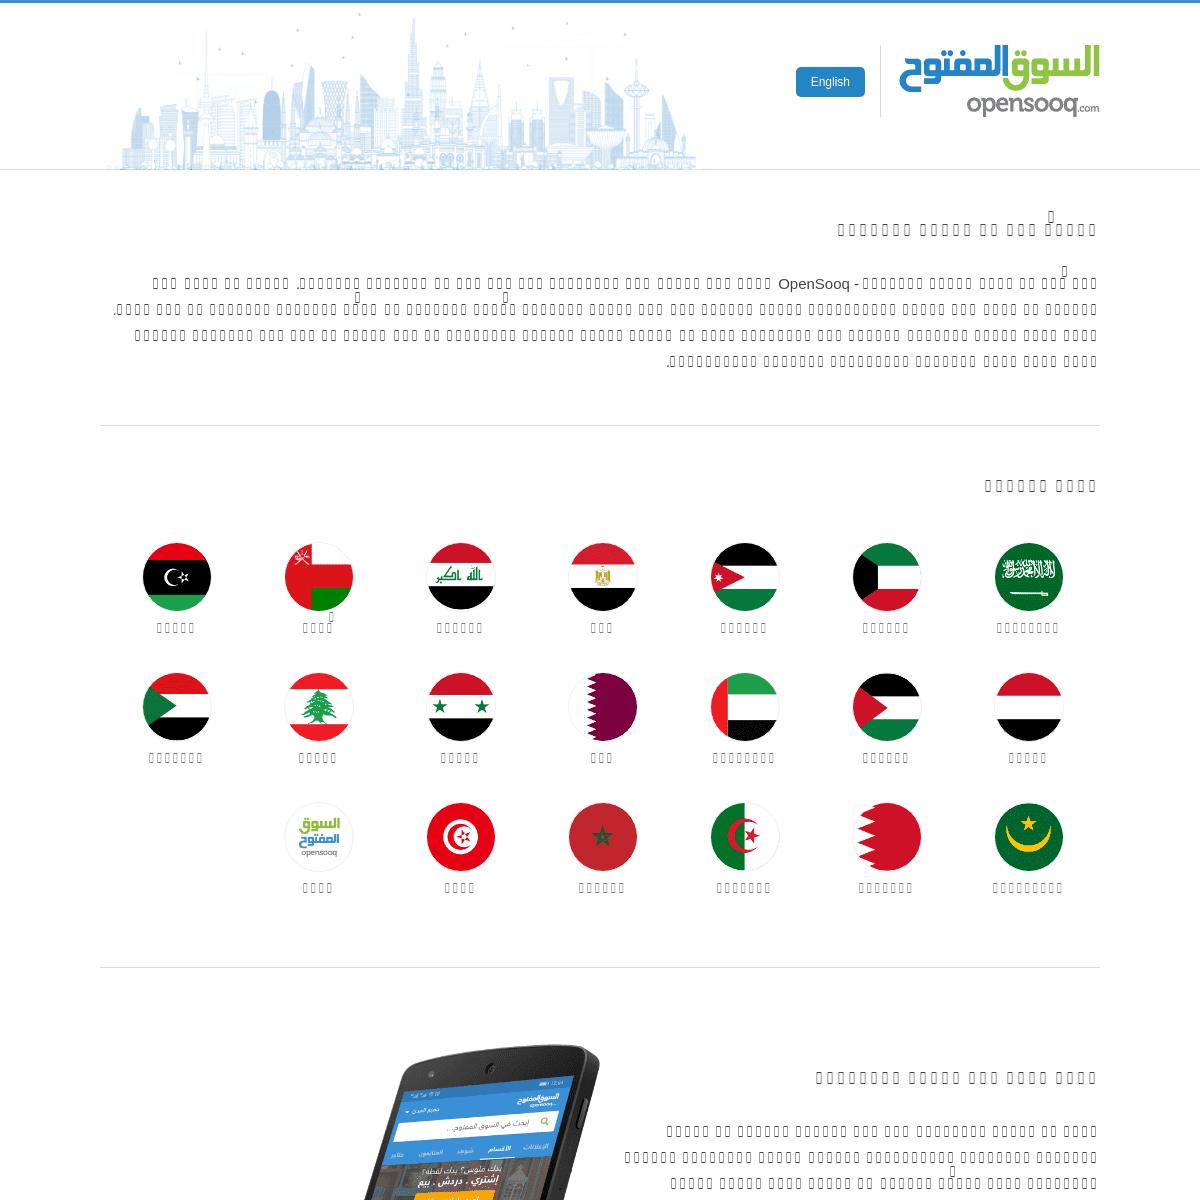 السوق المفتوح - اعلانات مبوبة في بلدك - سيارات - عقارات - وظائف - موبايلا�